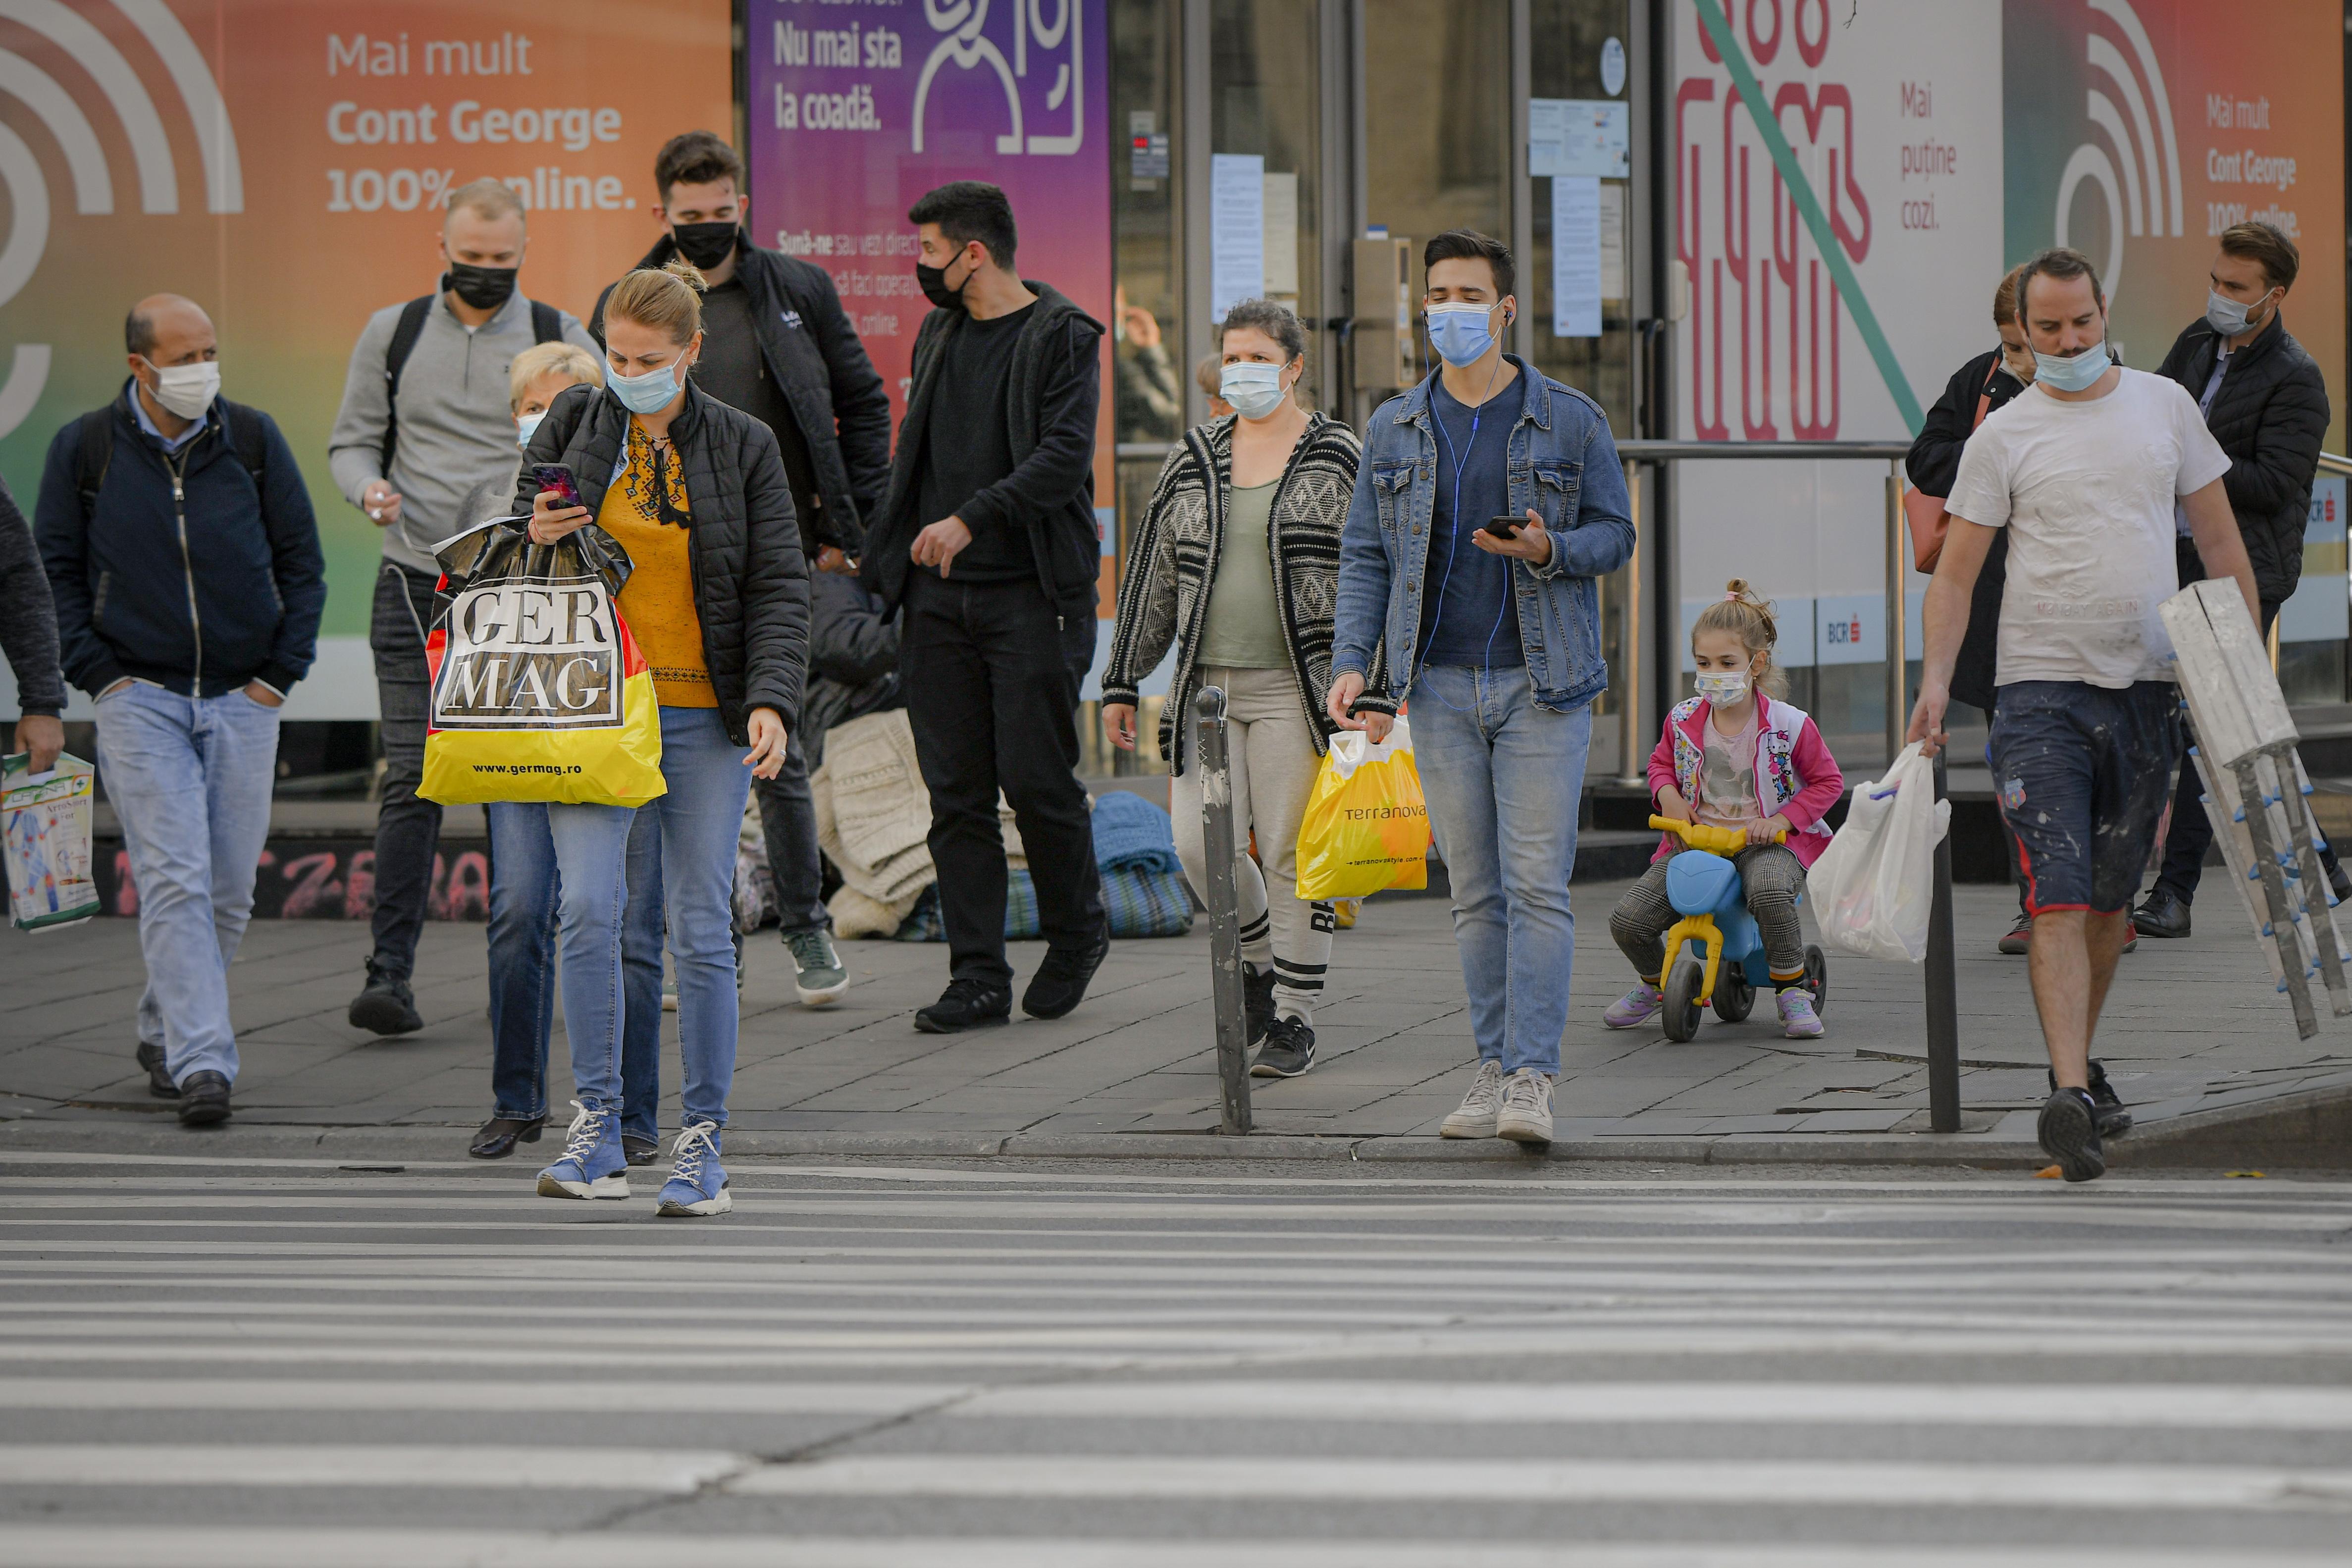 COVID-19: Clasa de mijloc, la nivel mondial, se micşorează pentru prima dată din anii '90. Aproape 150 de milioane de oameni au coborât pe scara socioeconomică în pandemie